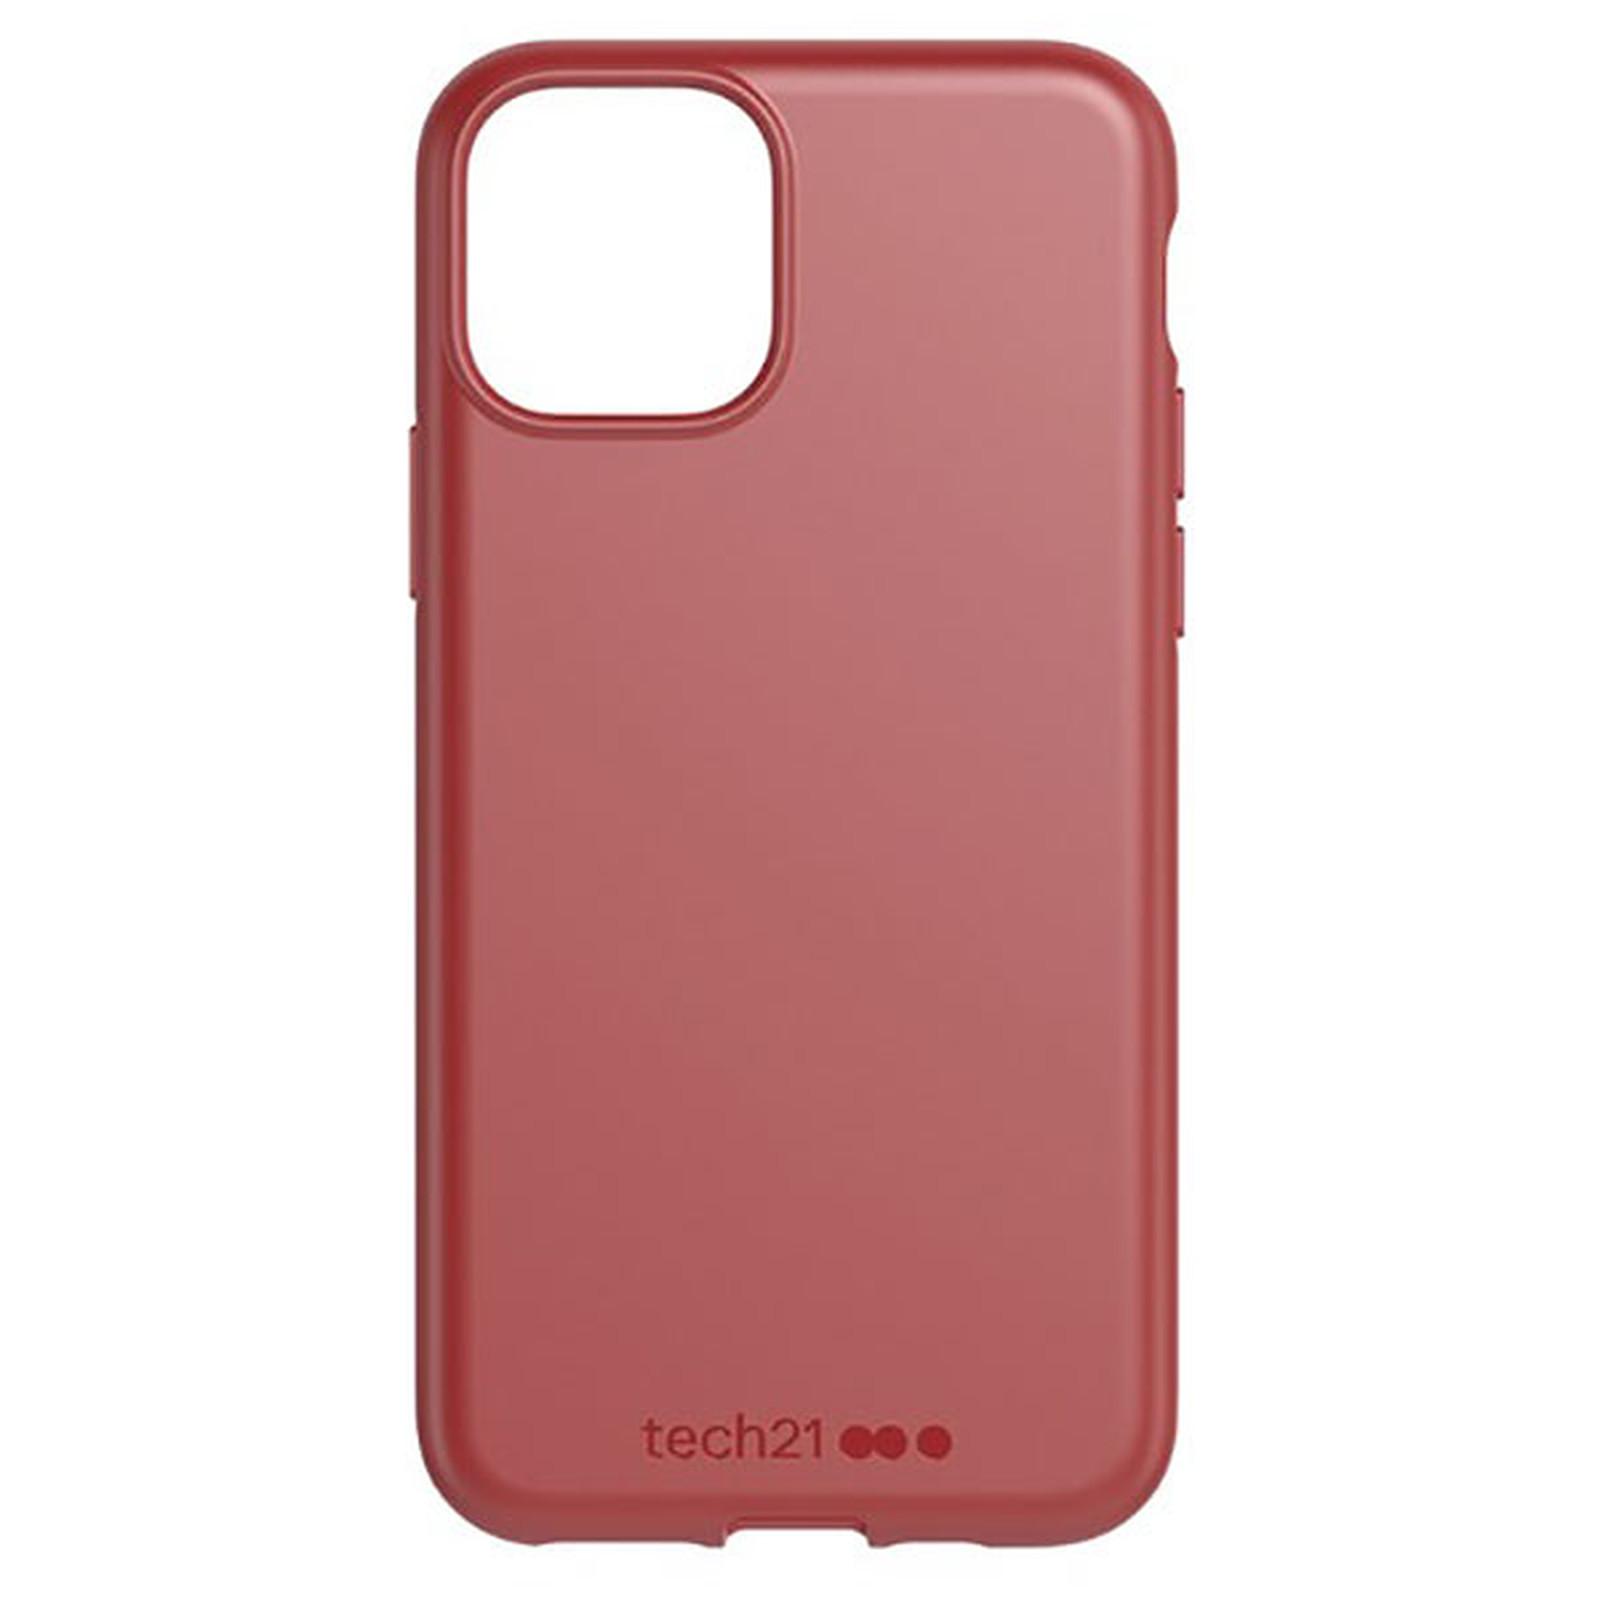 Tech21 Studio Colour Rouge Apple iPhone 11 Pro